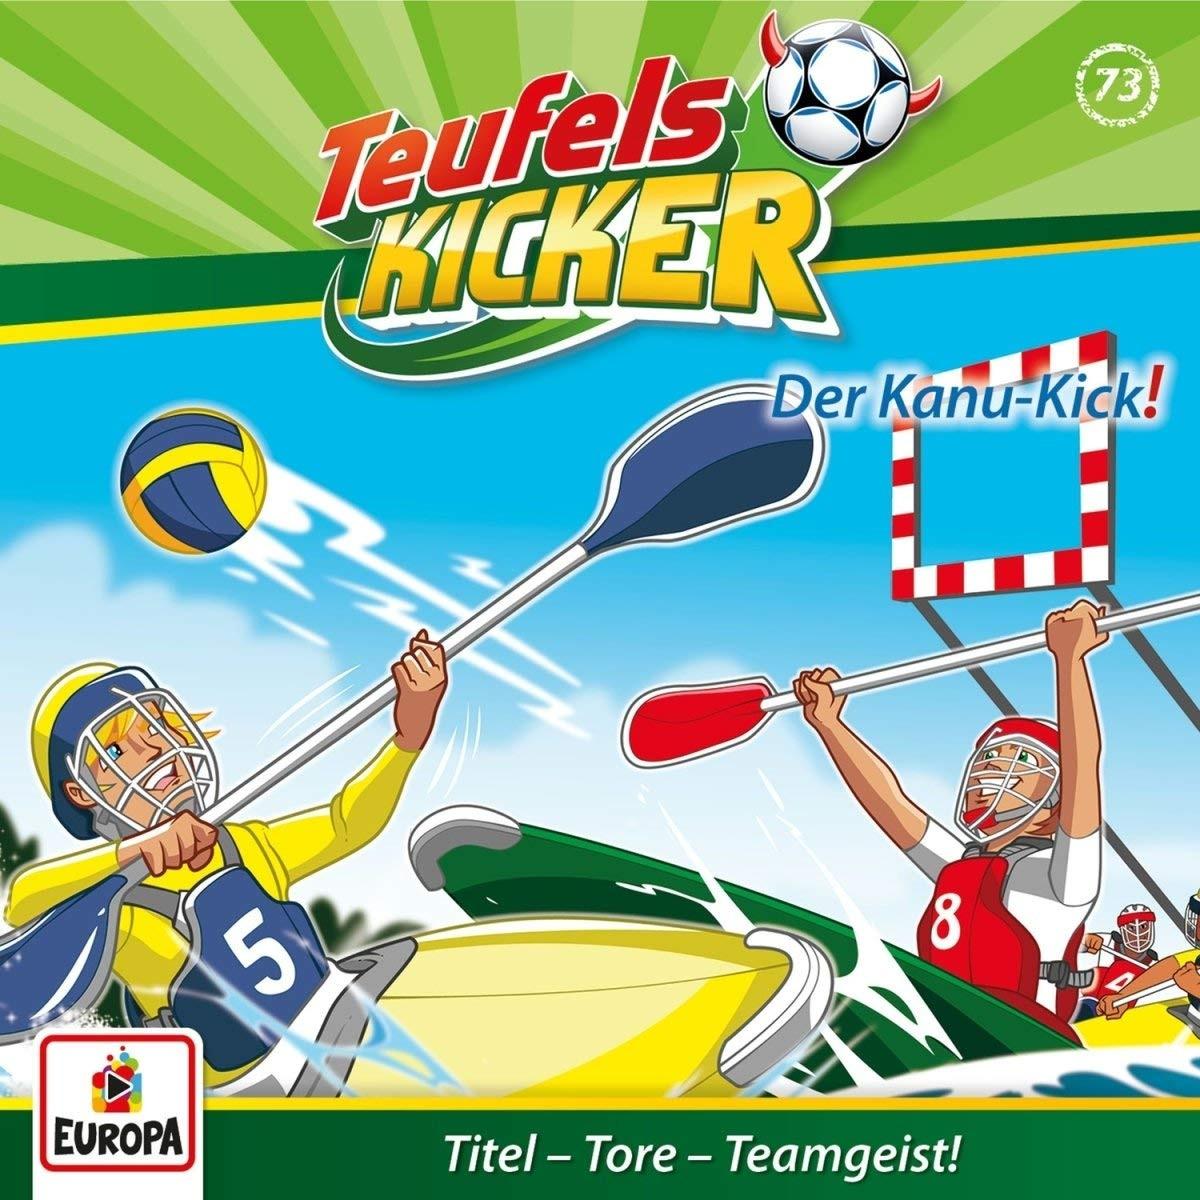 Teufelskicker 73 Der Kanu-Kick!